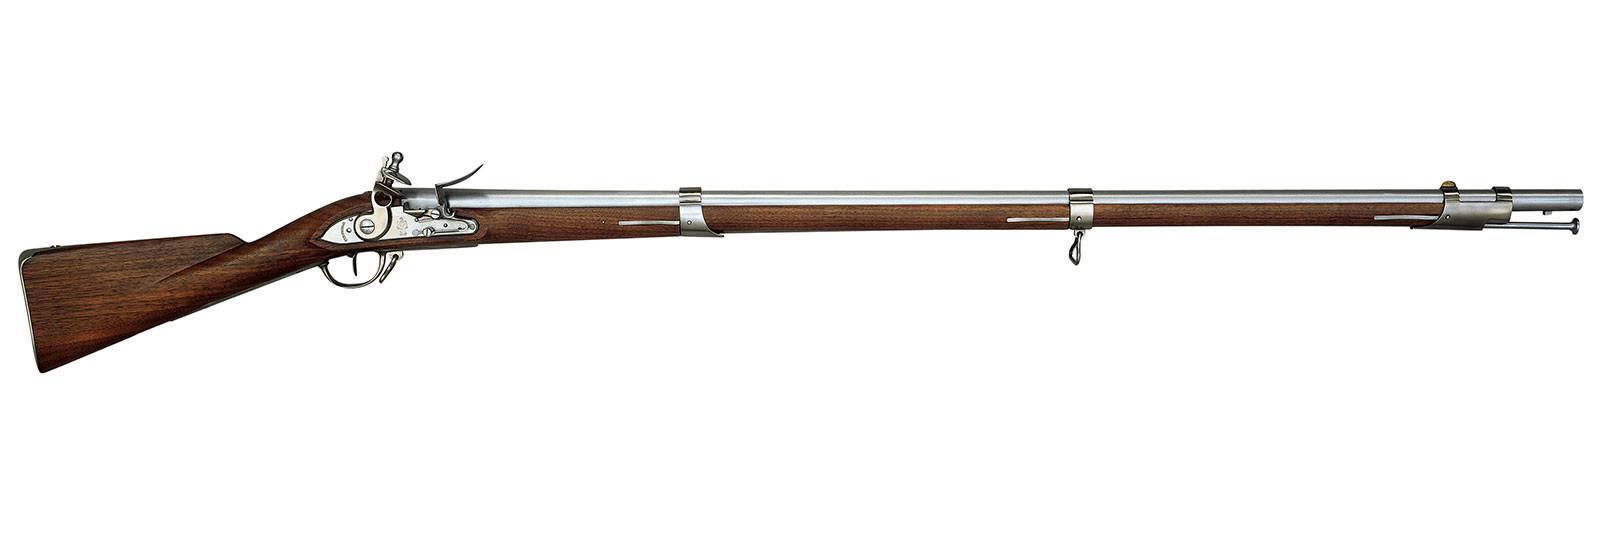 Fucile 1795 Springfield